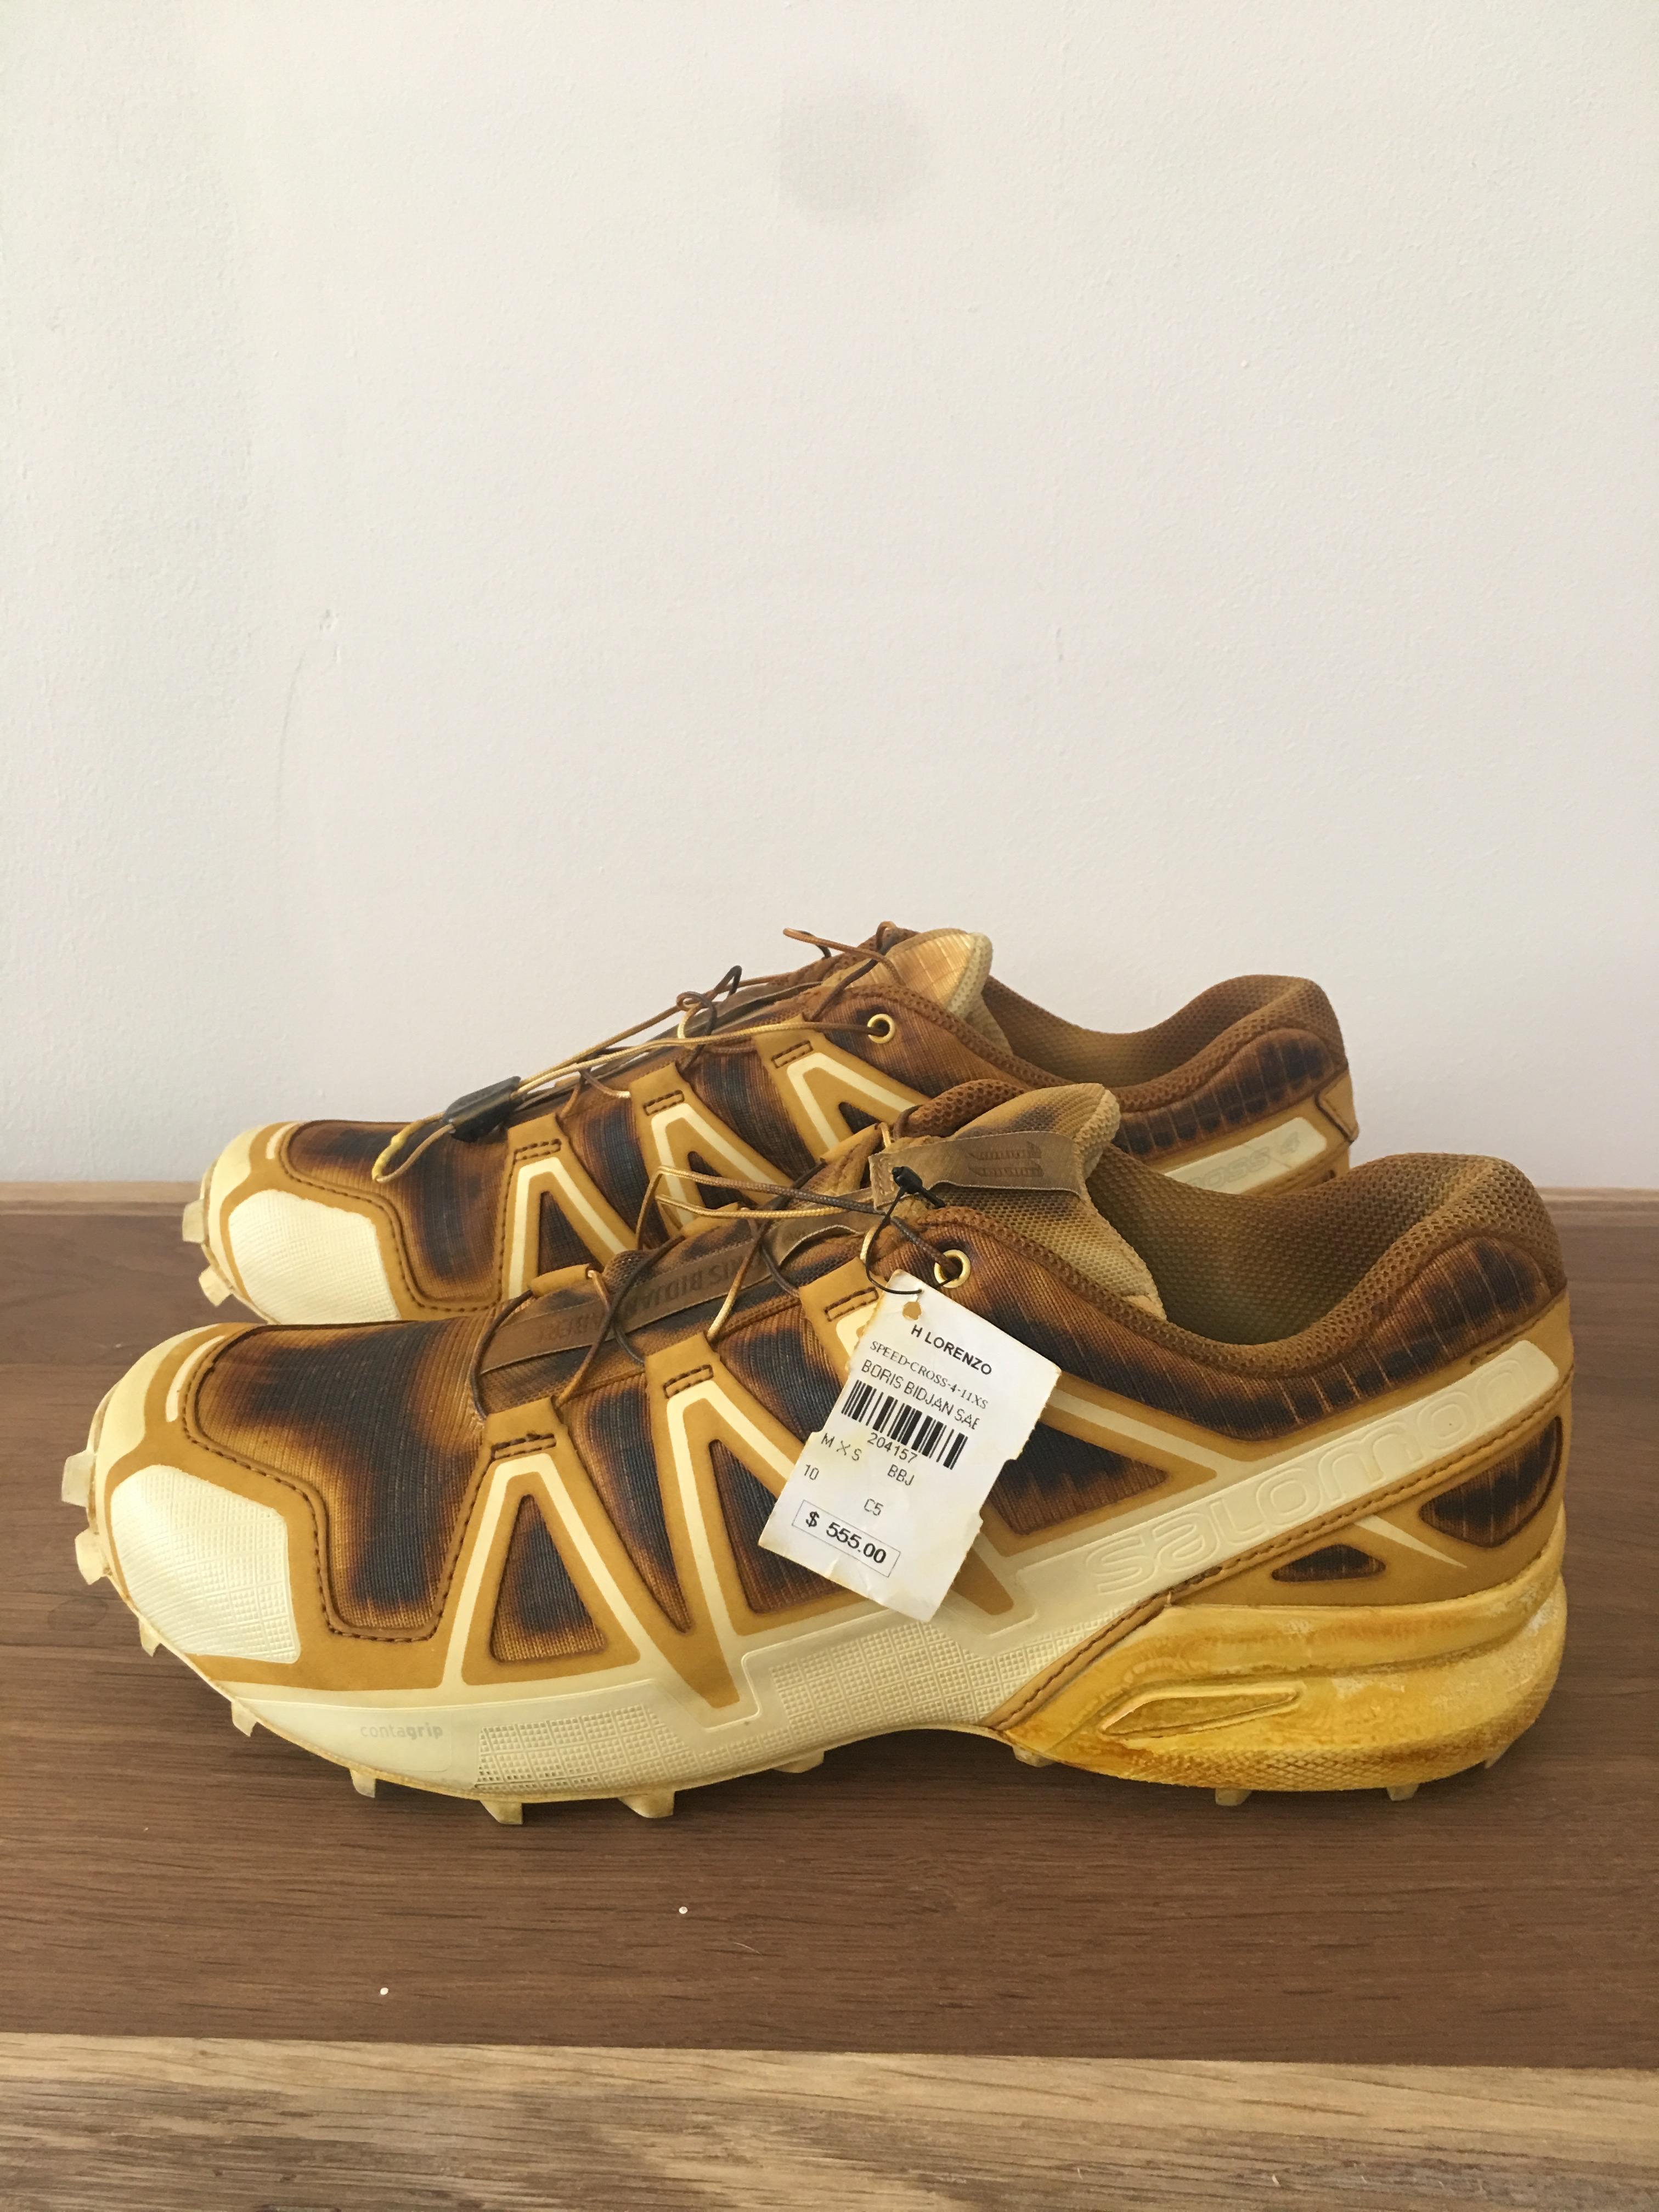 $600 BORIS BIDJAN SABERI x SALOMON Speedcross 4 Sneaker BBS 10